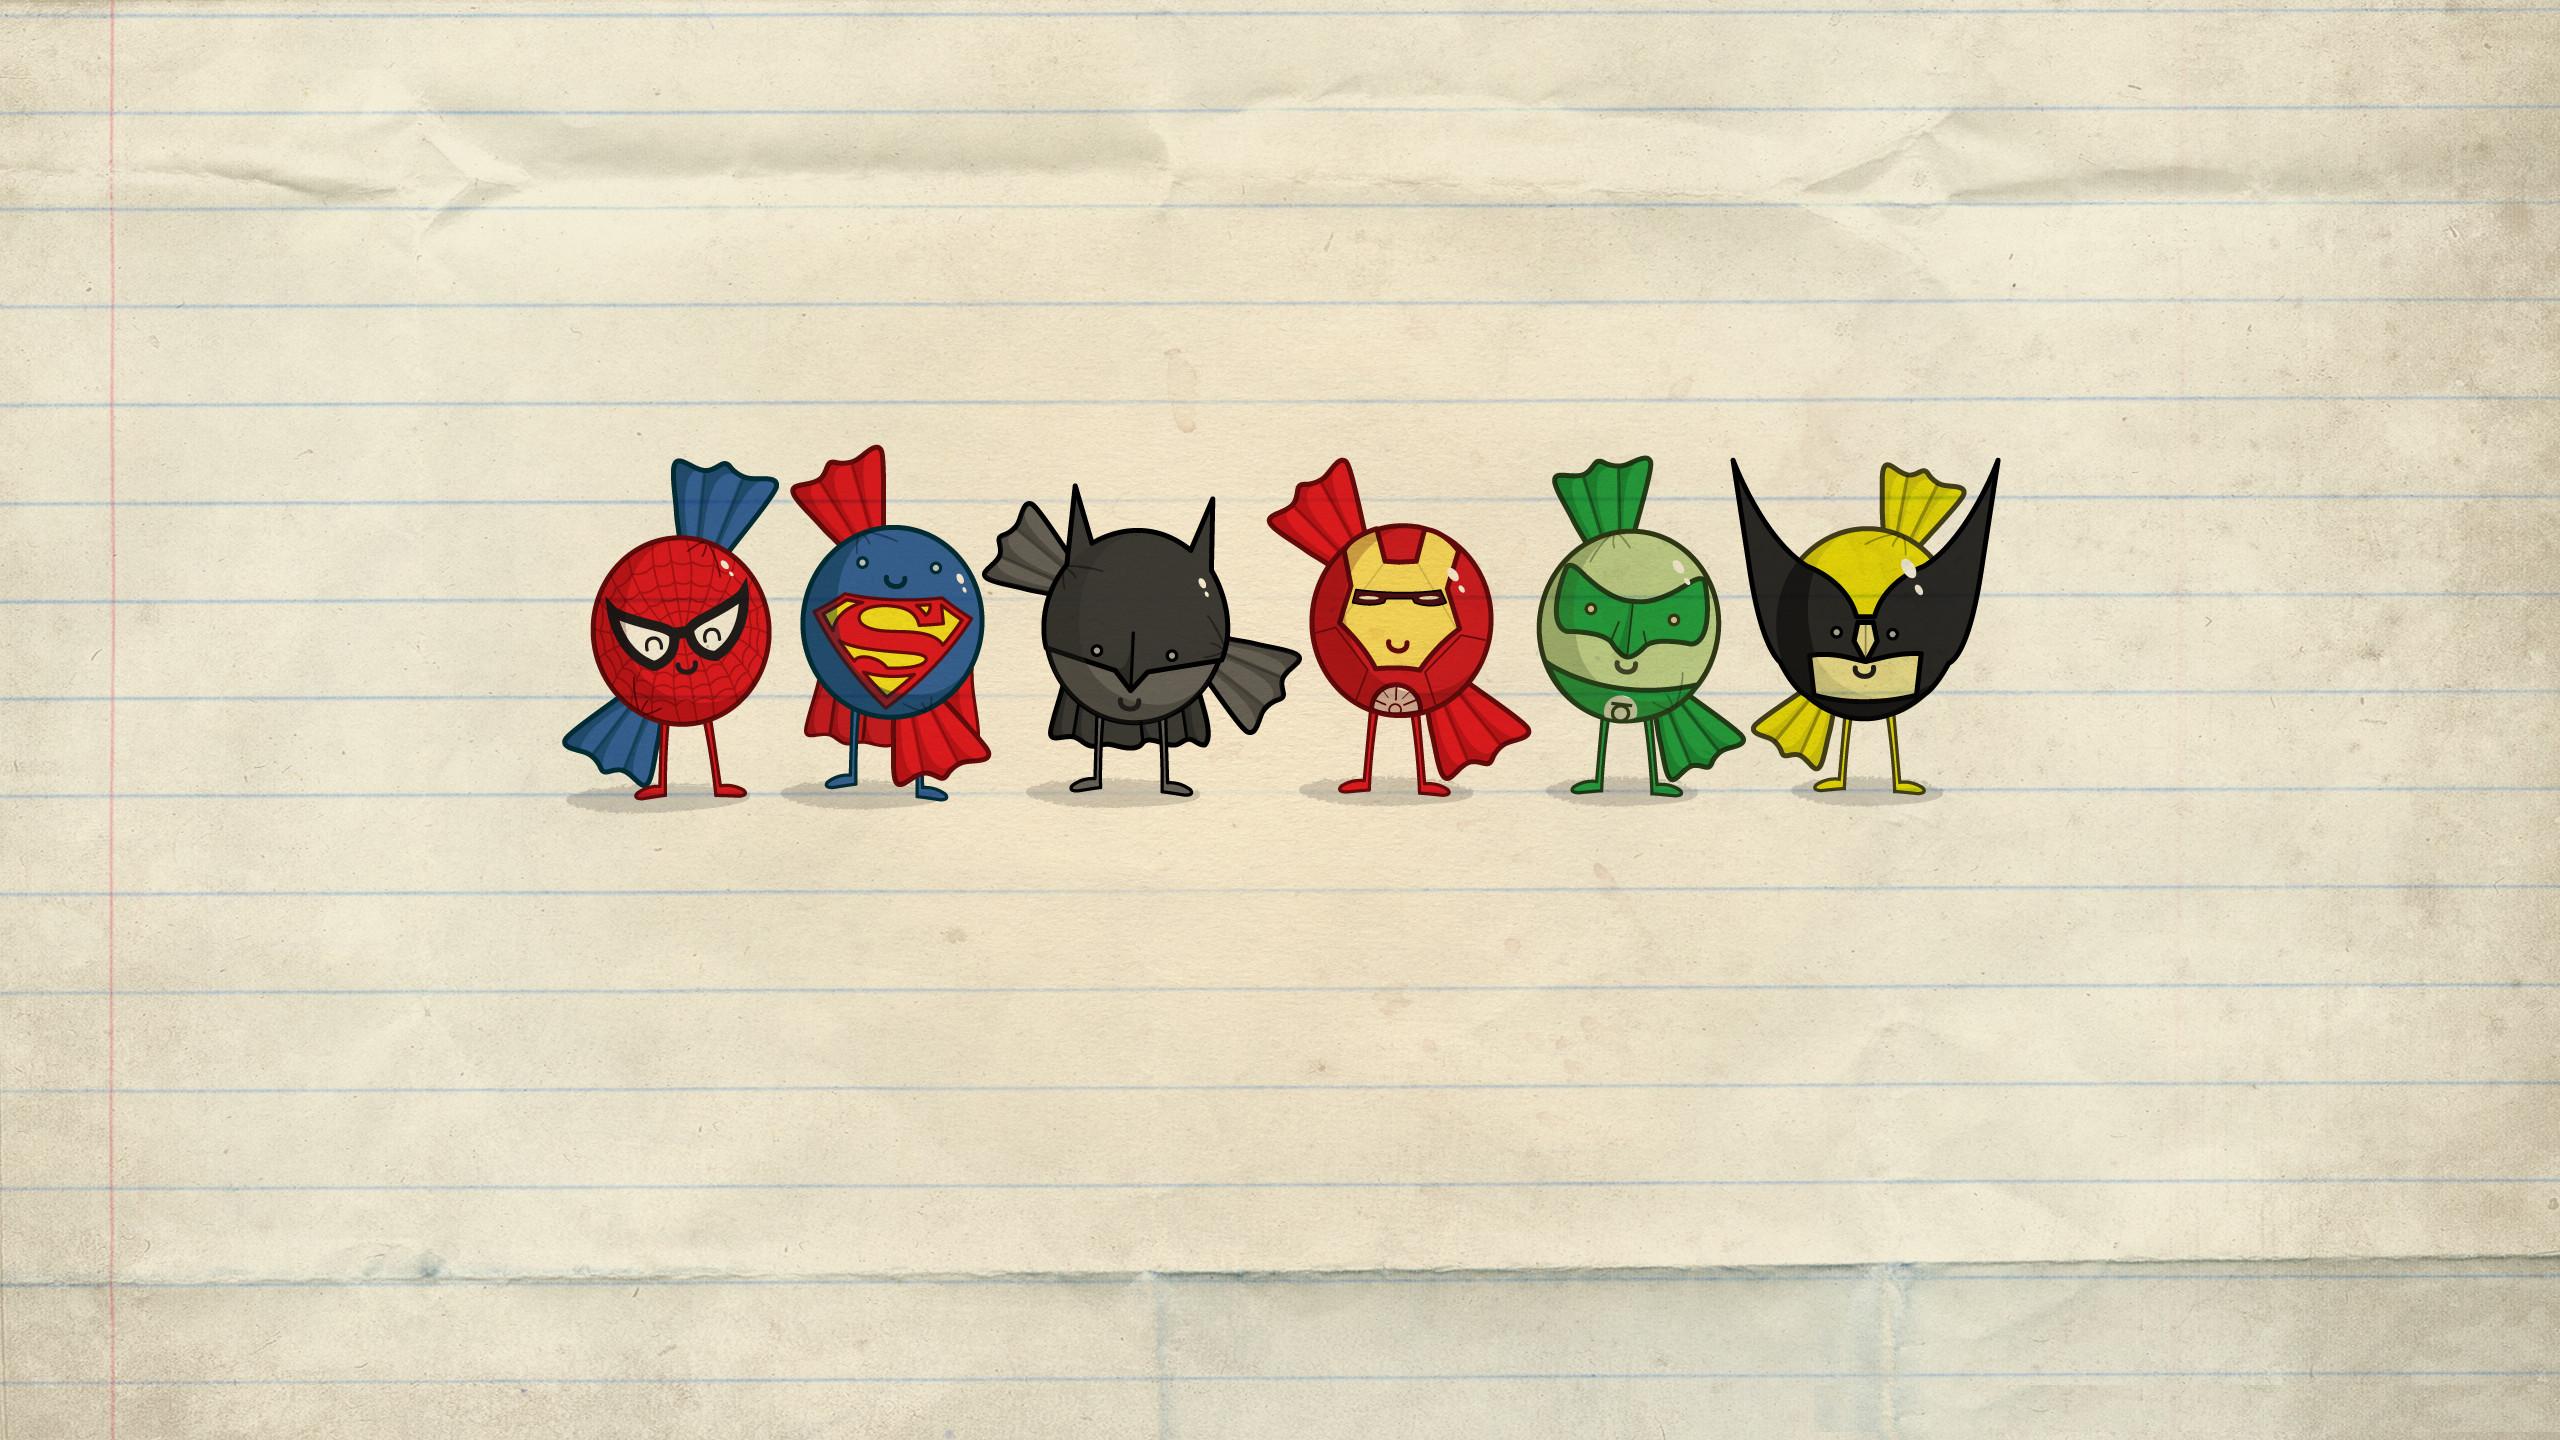 Download Wallpaper Mac Superhero - 602434  Pic_49421.jpg